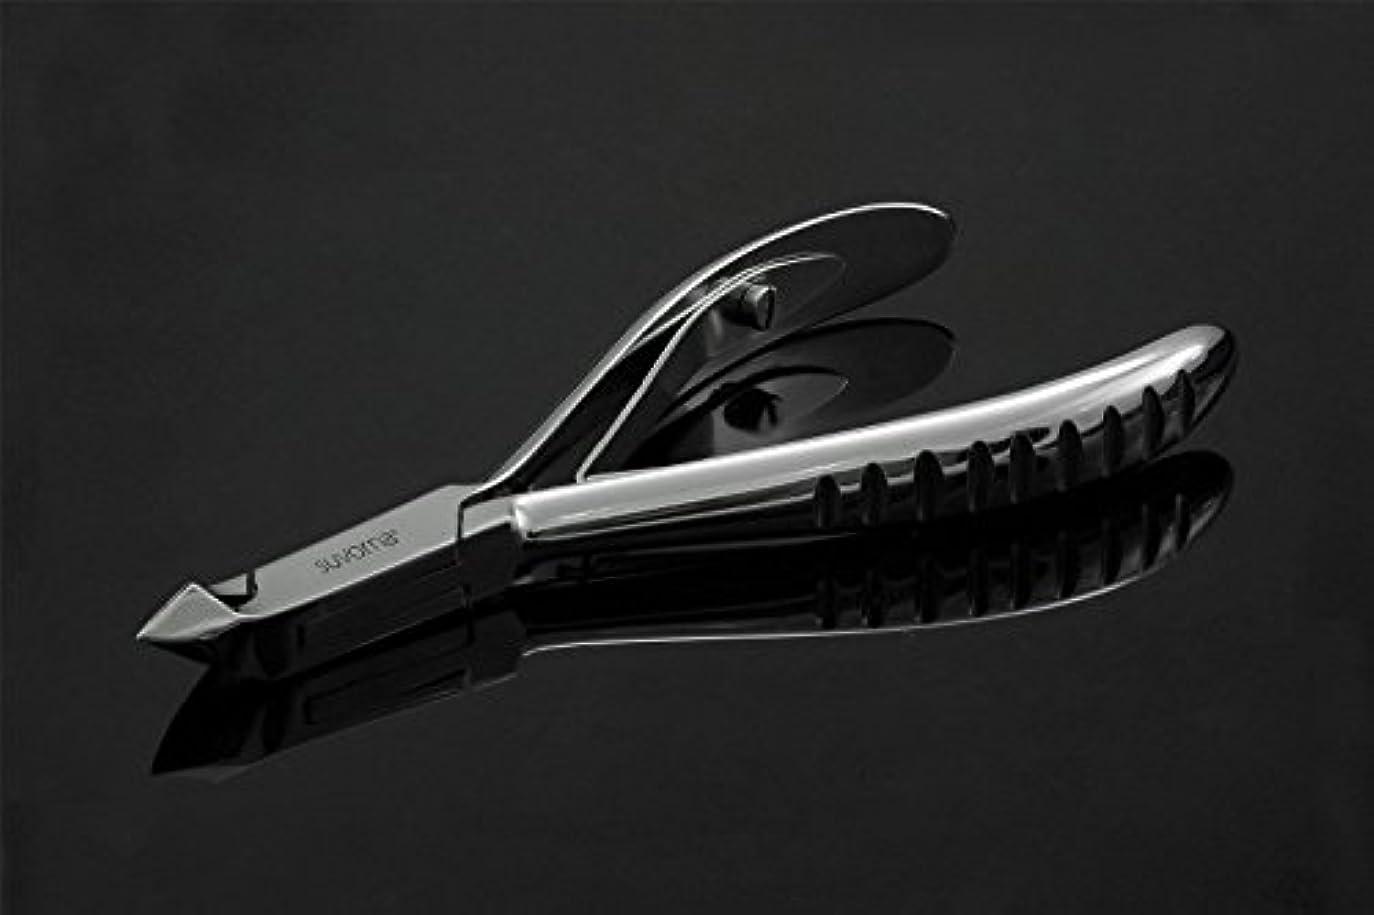 パース有効ダイバースヴォルナ マニプロ プロ仕様 キューティクル ネイル ニッパー カッター 革ケース 研磨スチール 3.2オンス (91g) (インポート)